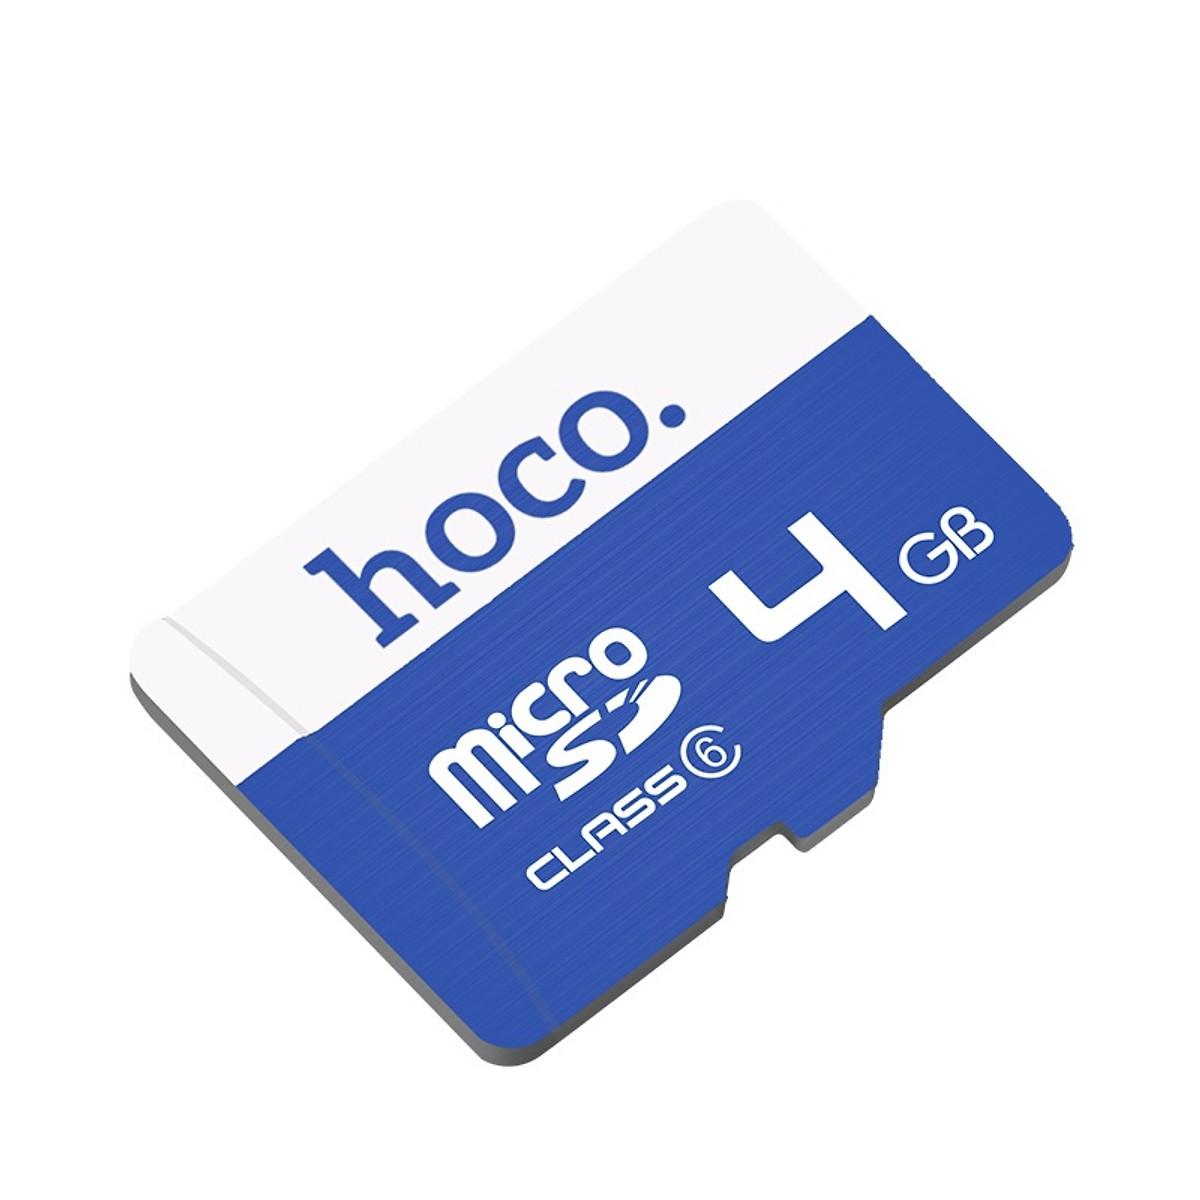 Thẻ nhớ Micro SD 4GB Hoco tốc độc cao dùng cho điện thoại, máy nghe nhạc